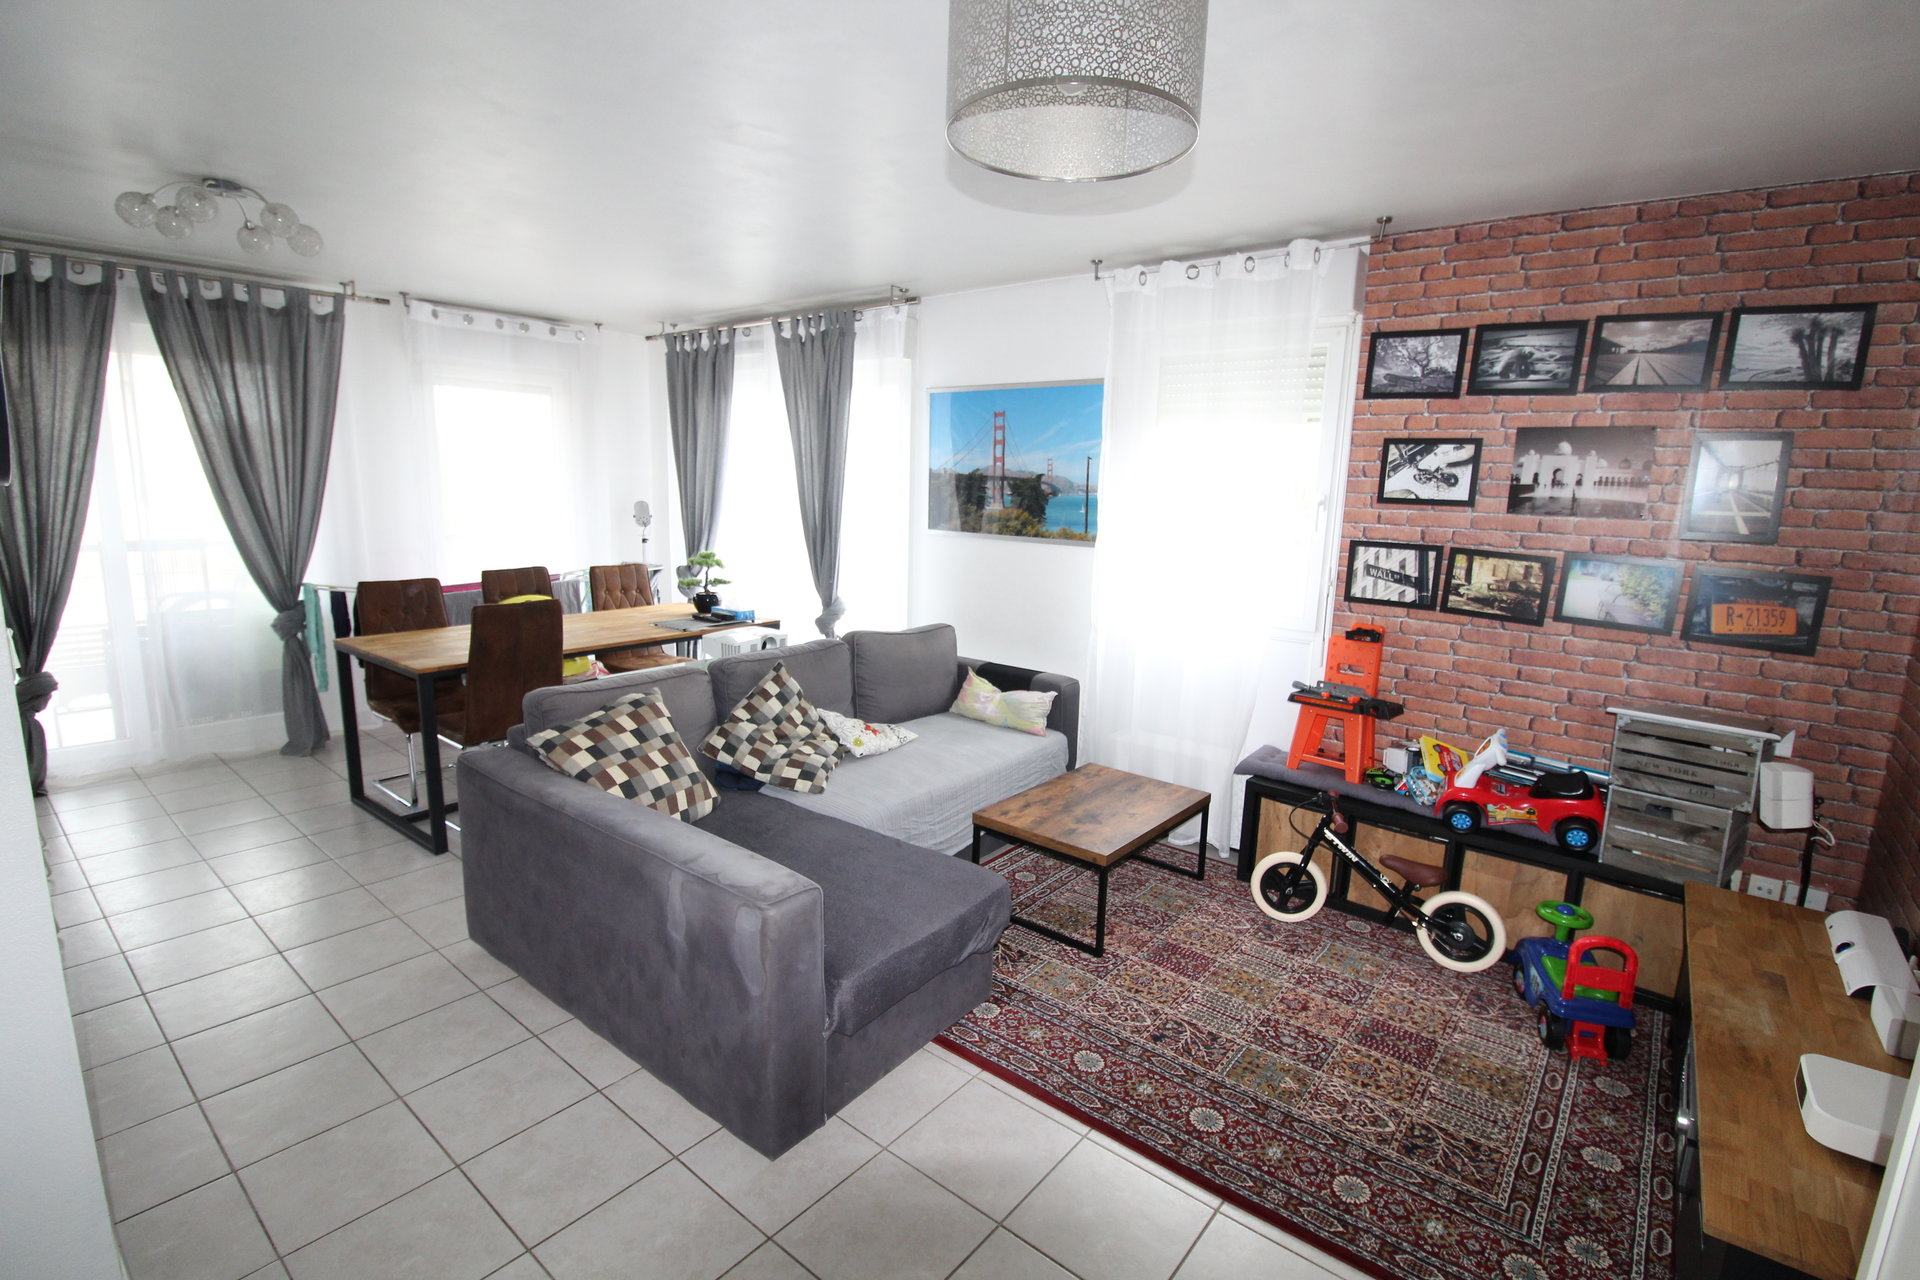 Saint-Etienne / Cité du design Appartement 3 pièces avec garage